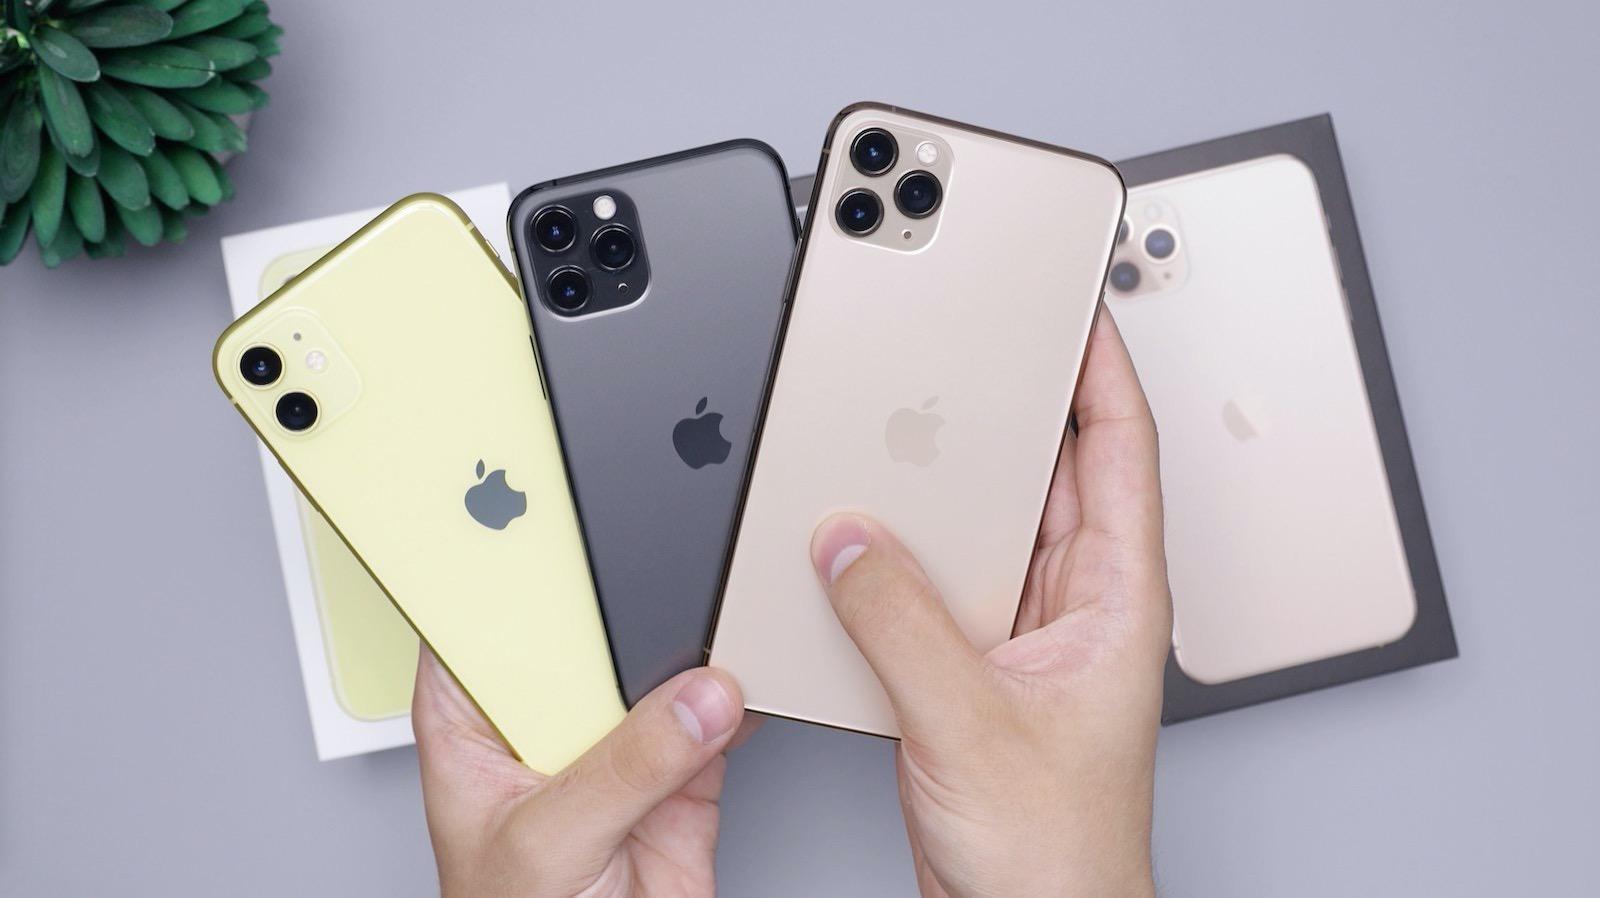 Daniel romero 4P3jflrqJhA unsplash 2019 iphones